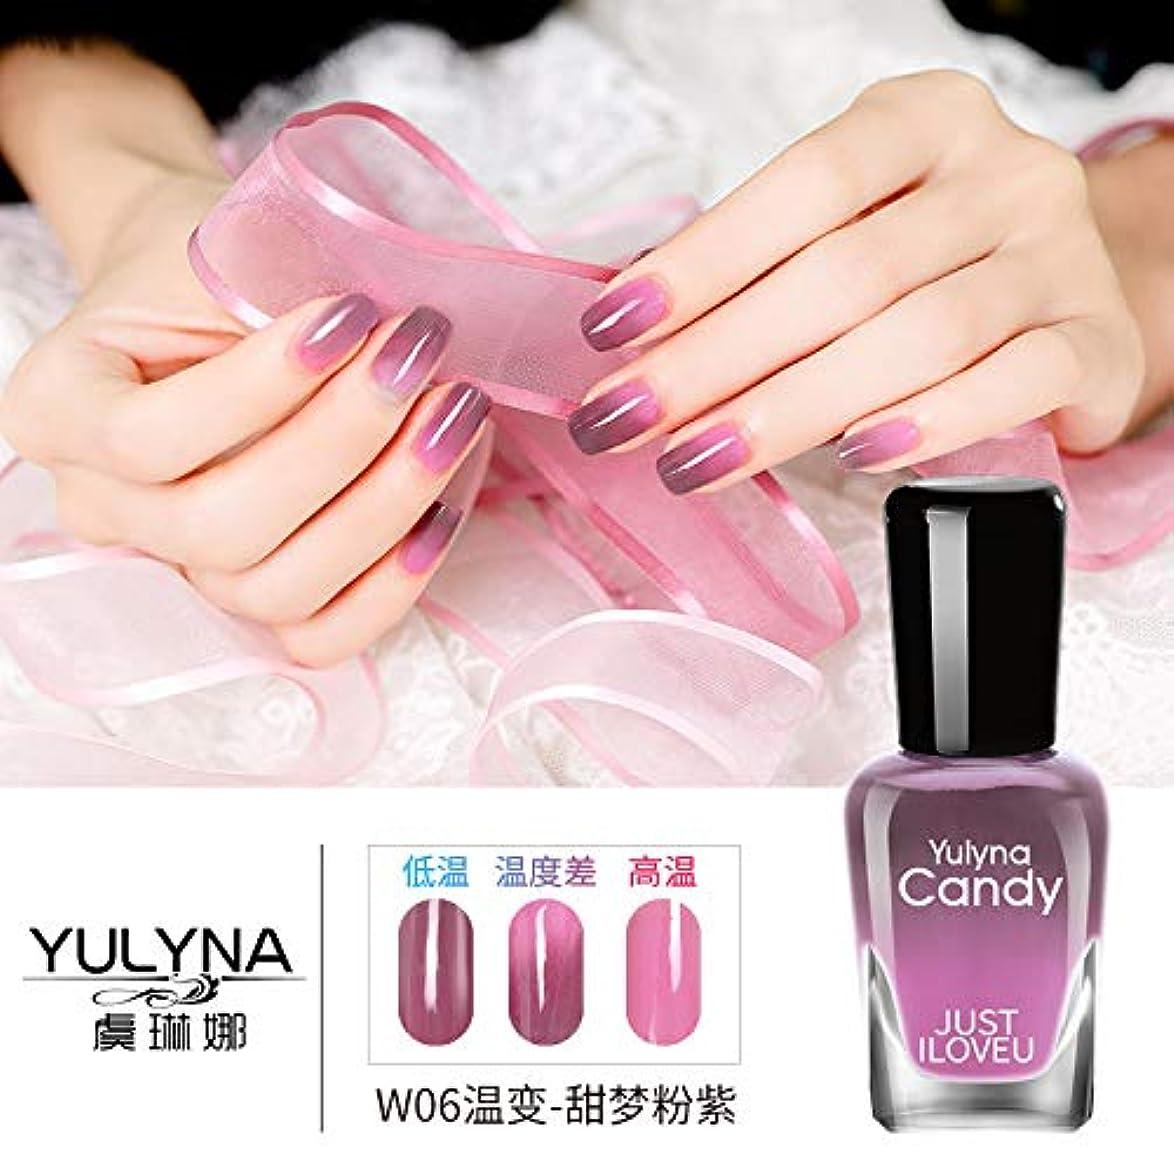 ハリウッド摂氏度呼び出す油性温度変化マニキュア卸売Unpeelable耐久性と速乾性7(ml)7 ml Sweet Dream Pink-W06 2パック